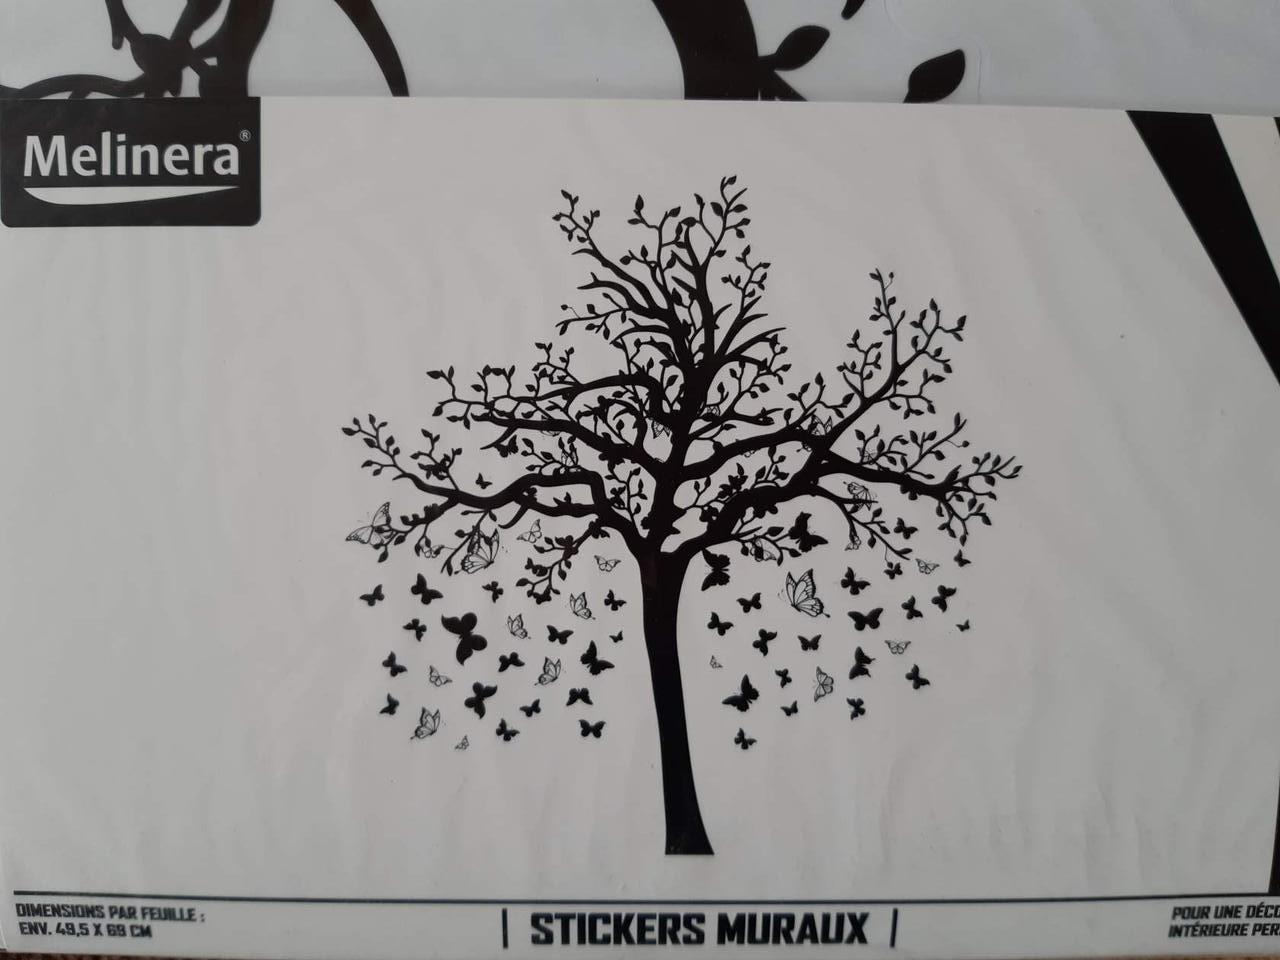 Наклейка настенная Melinera дерево/бабочки - 69*49,5см